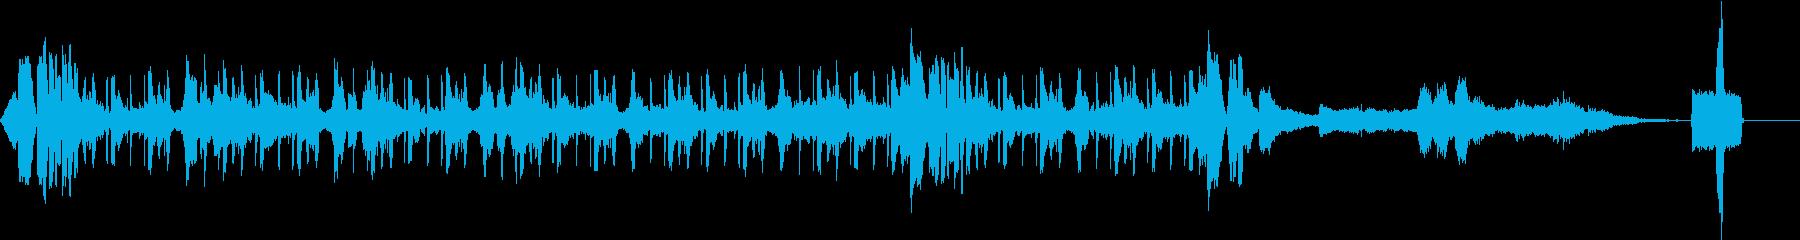 幻想的でテクノチックな曲40秒Ver.の再生済みの波形